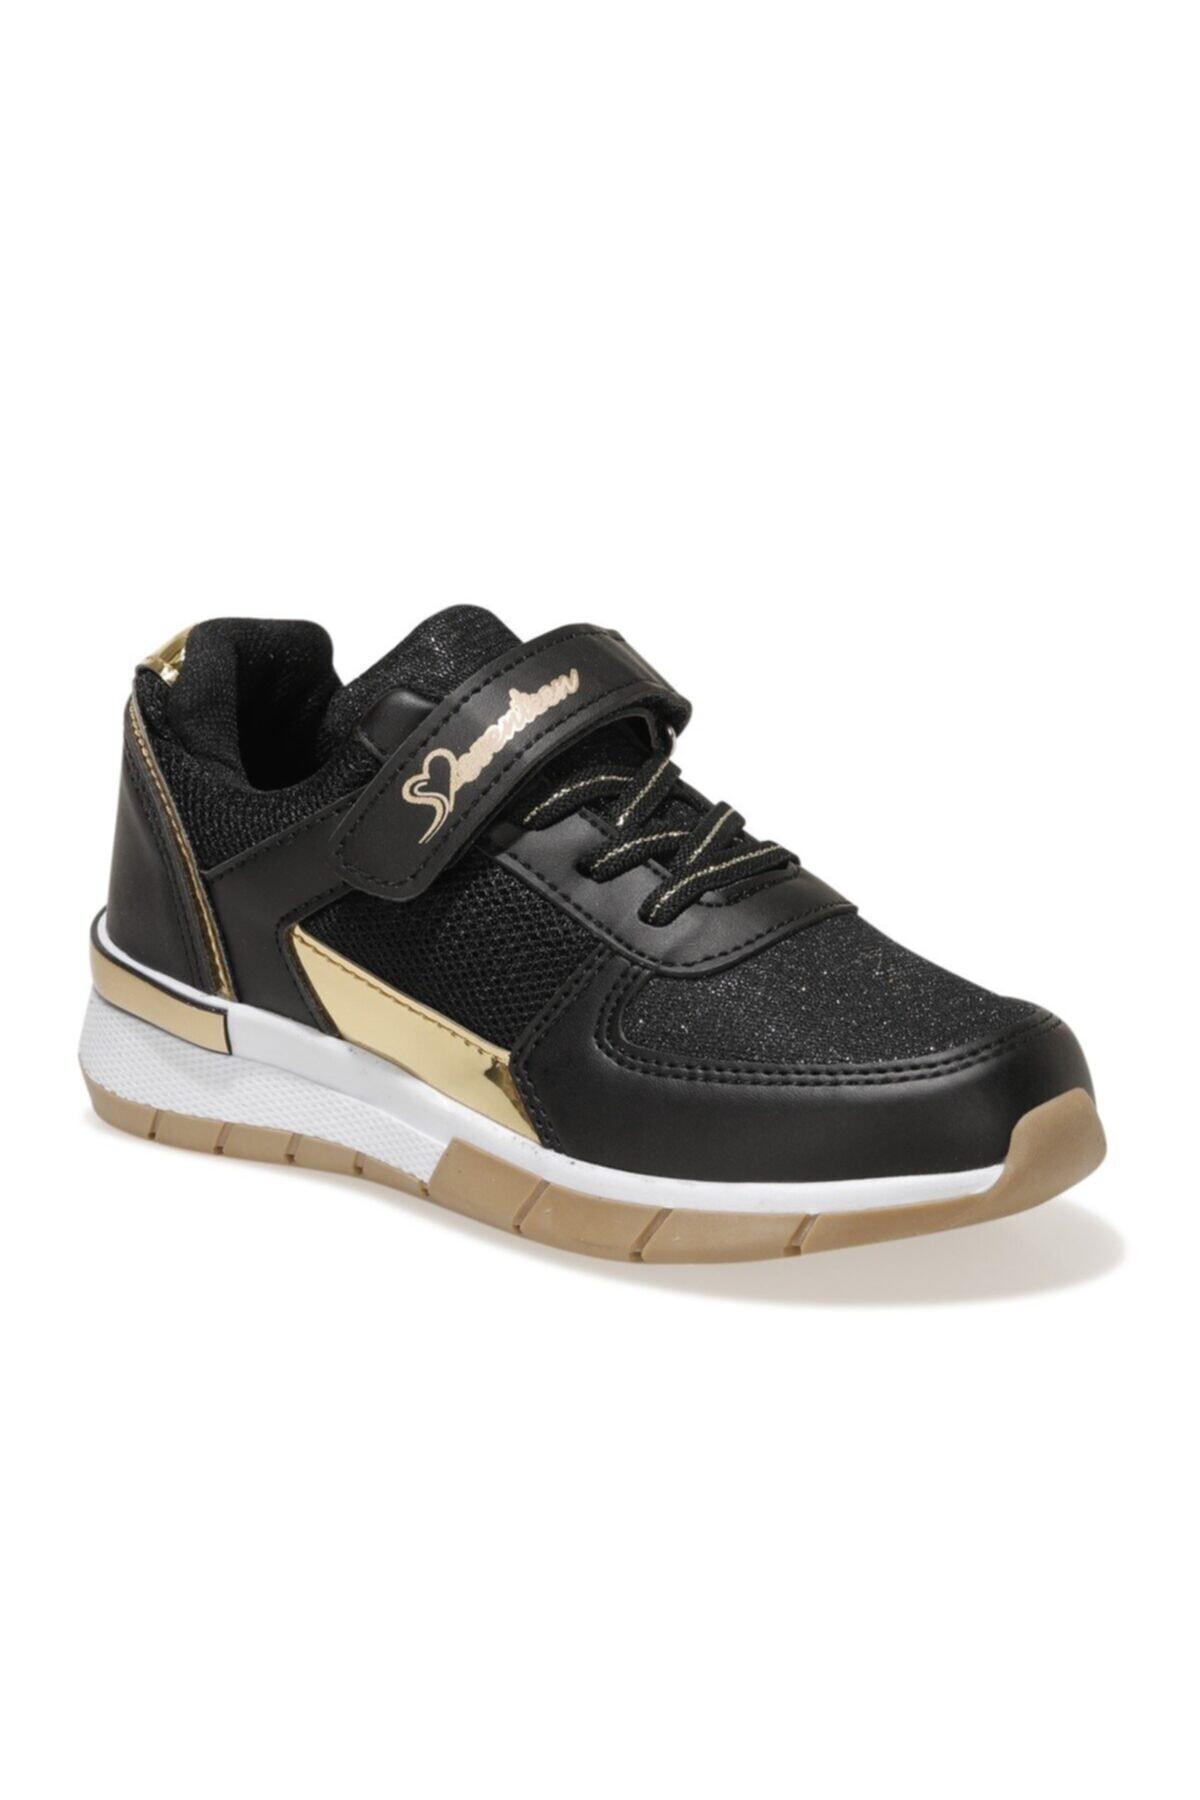 DORA 1FX Siyah Kız Çocuk Spor Ayakkabı 101015187